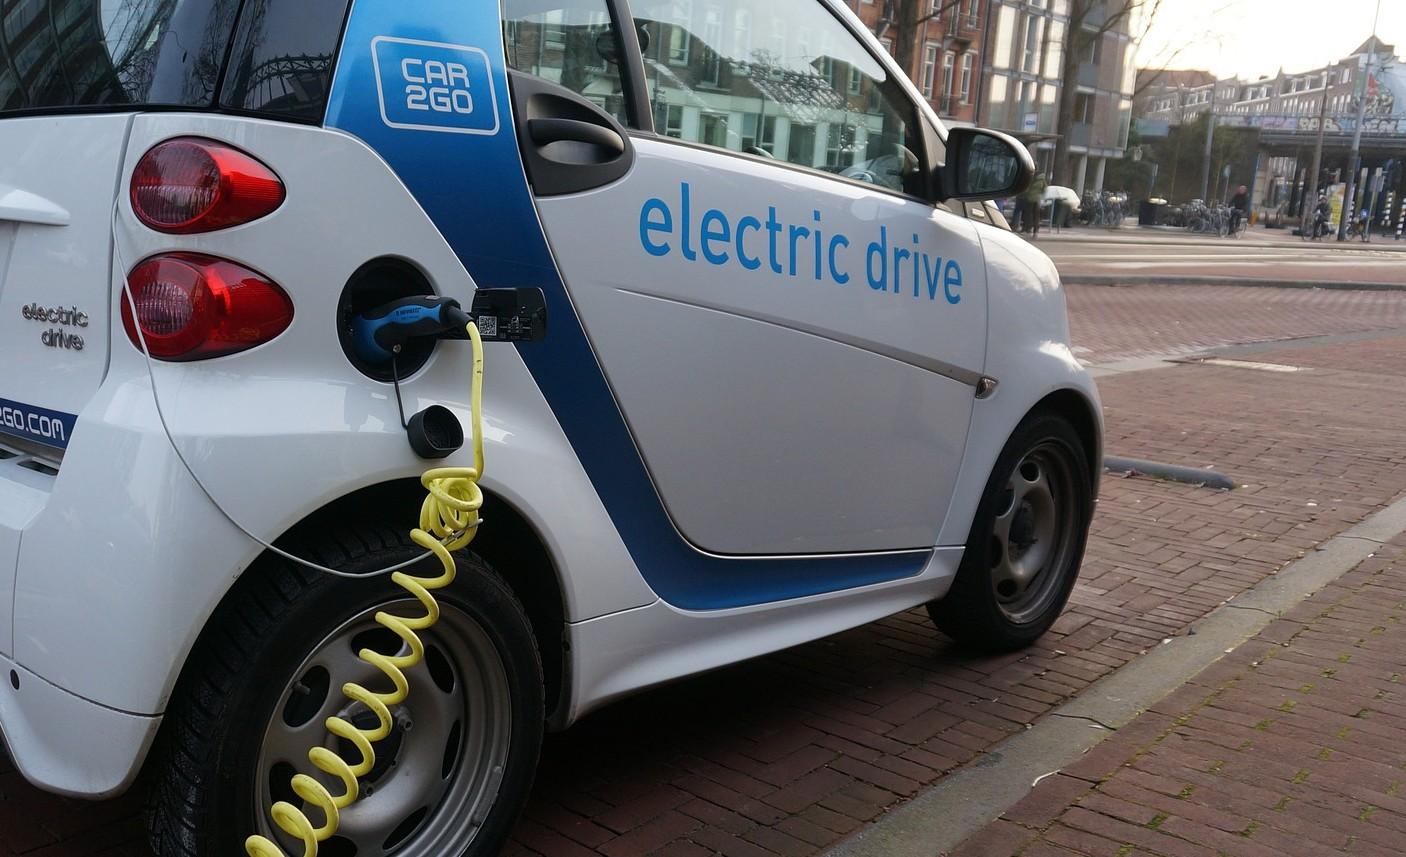 Dijeli se 17 milijuna kuna za električna vozila